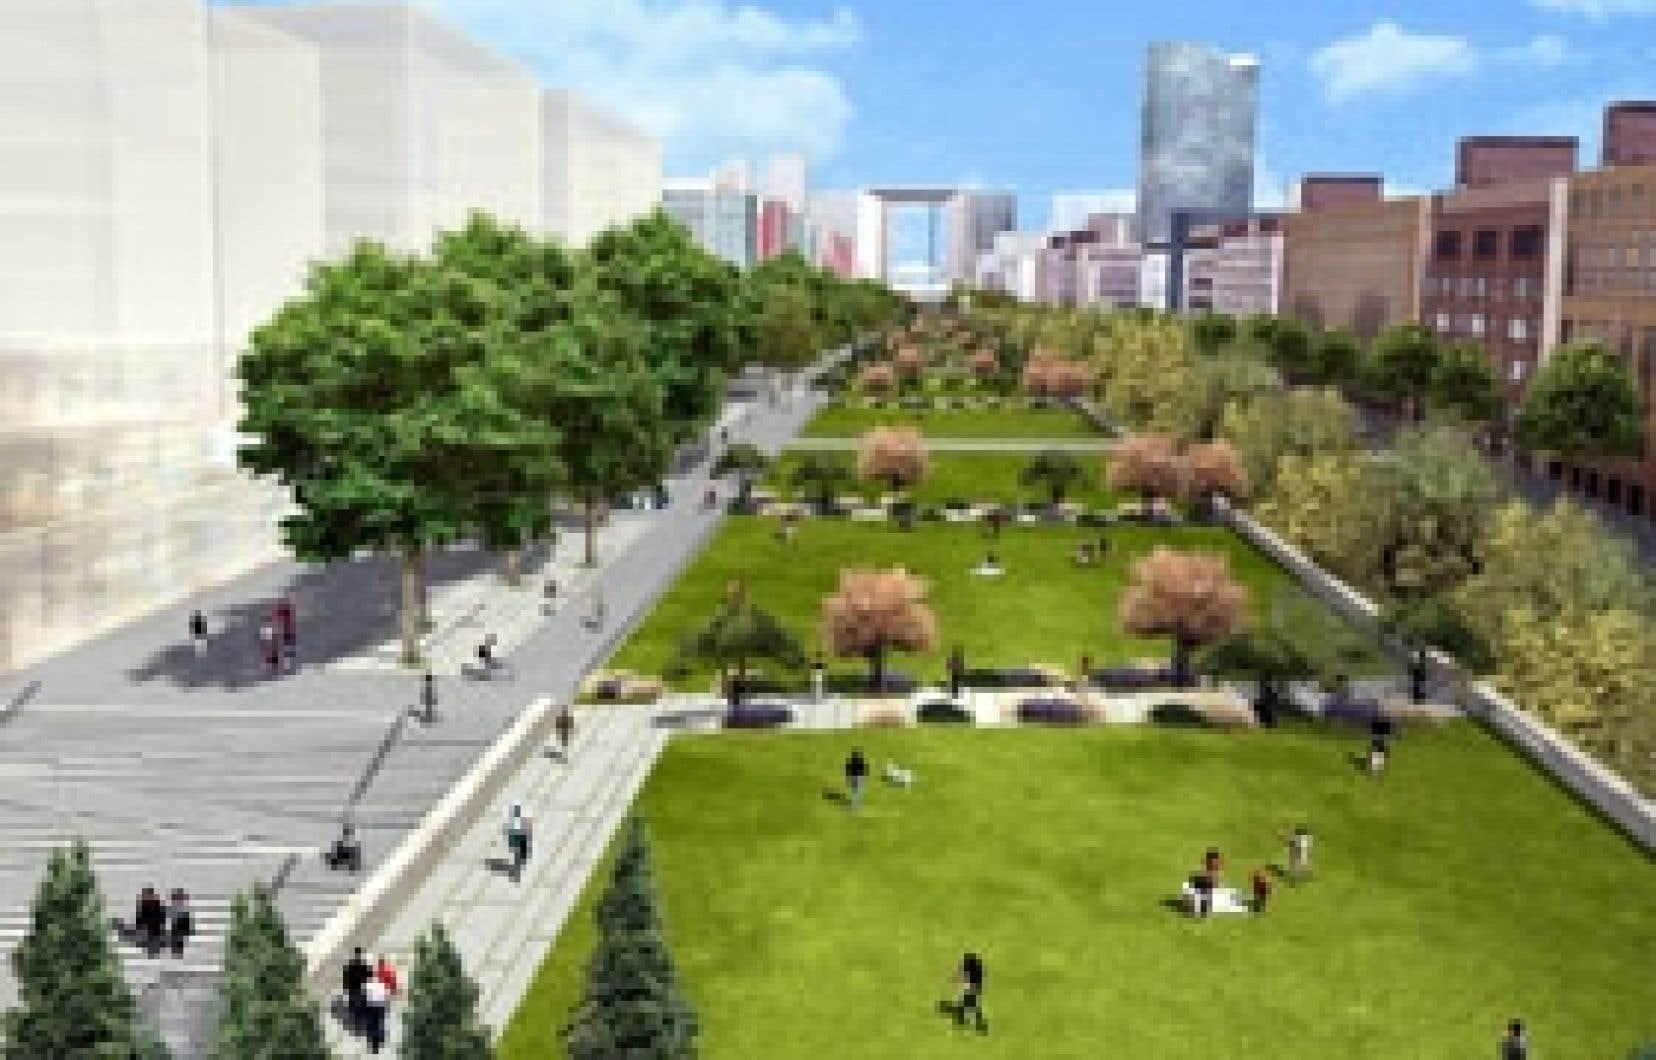 Nanterre est présentement la cible d'un important projet d'aménagement urbain et immobilier. Il s'agit du projet Seine-Arche qui viendra transformer, à la suite de l'enfouissement d'une autoroute, l'espace urbain entre l'Arche de la Déf